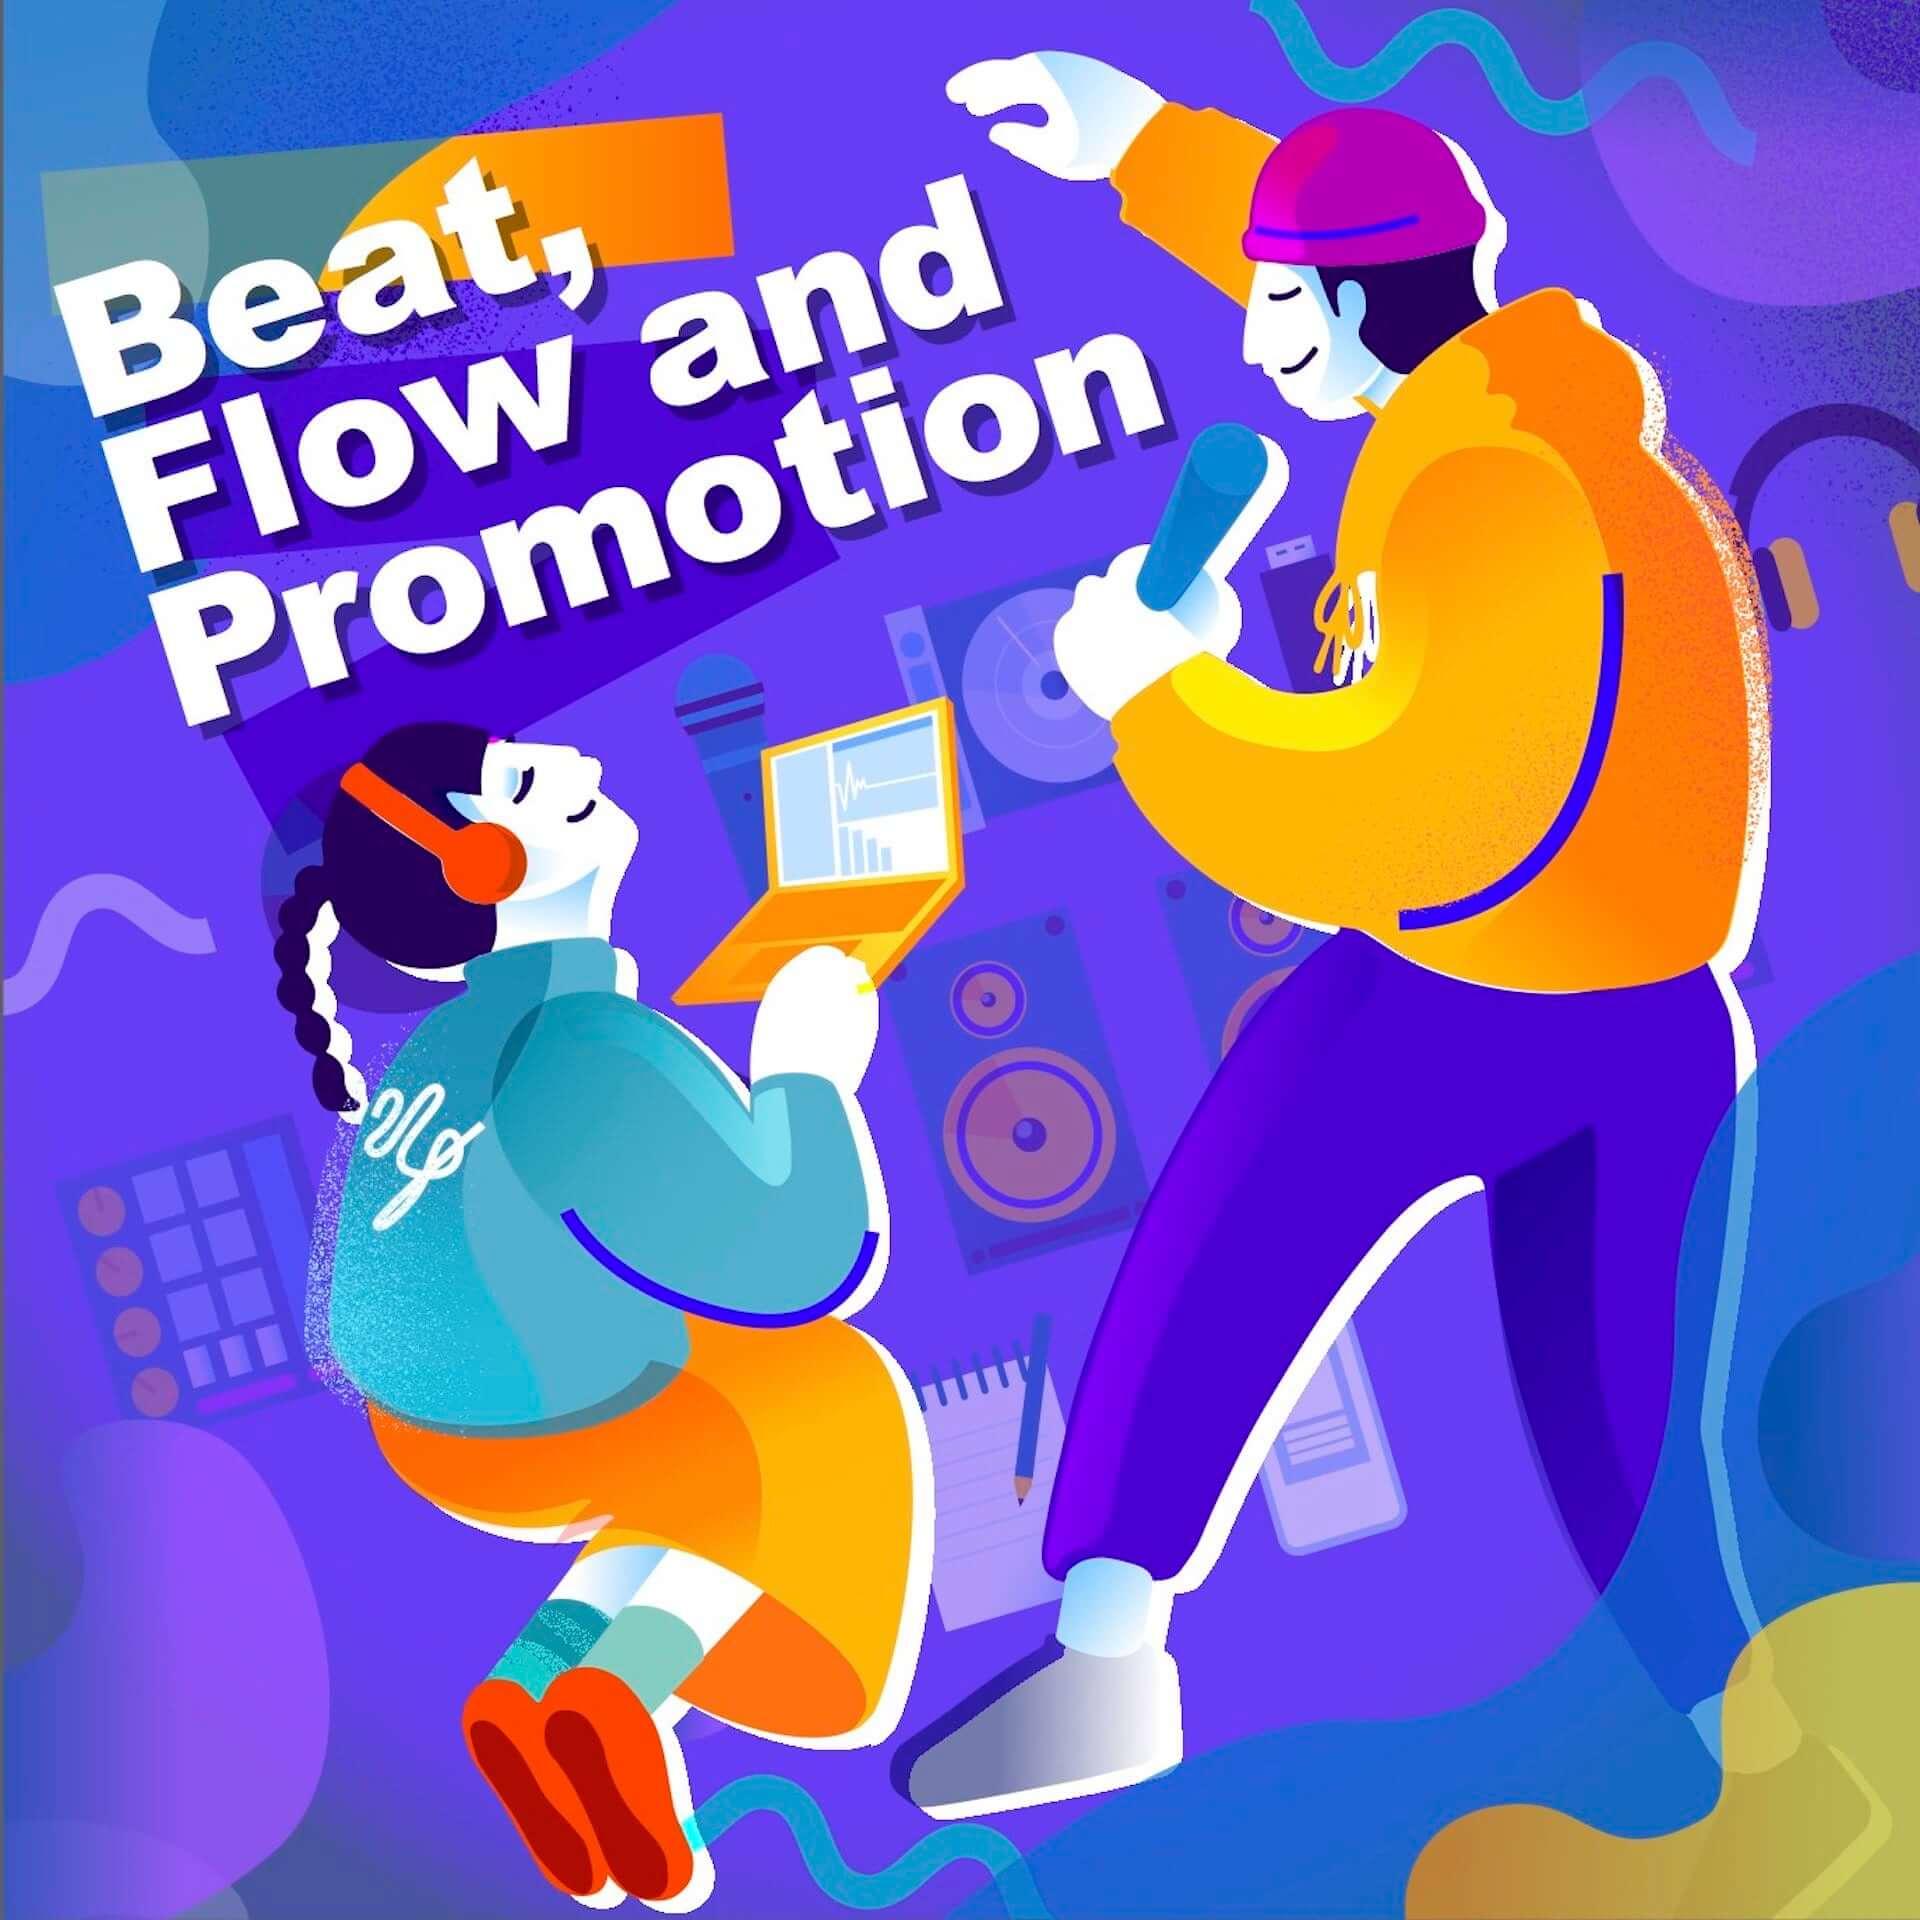 ヒップホップの楽曲制作、配信、プロモーションを学べる「Beat, Flow and Promotion」が2次募集を開始!BABEL LABELの月神ユエも参加 music200804_beat-flow-and-promotion_2-1920x1920